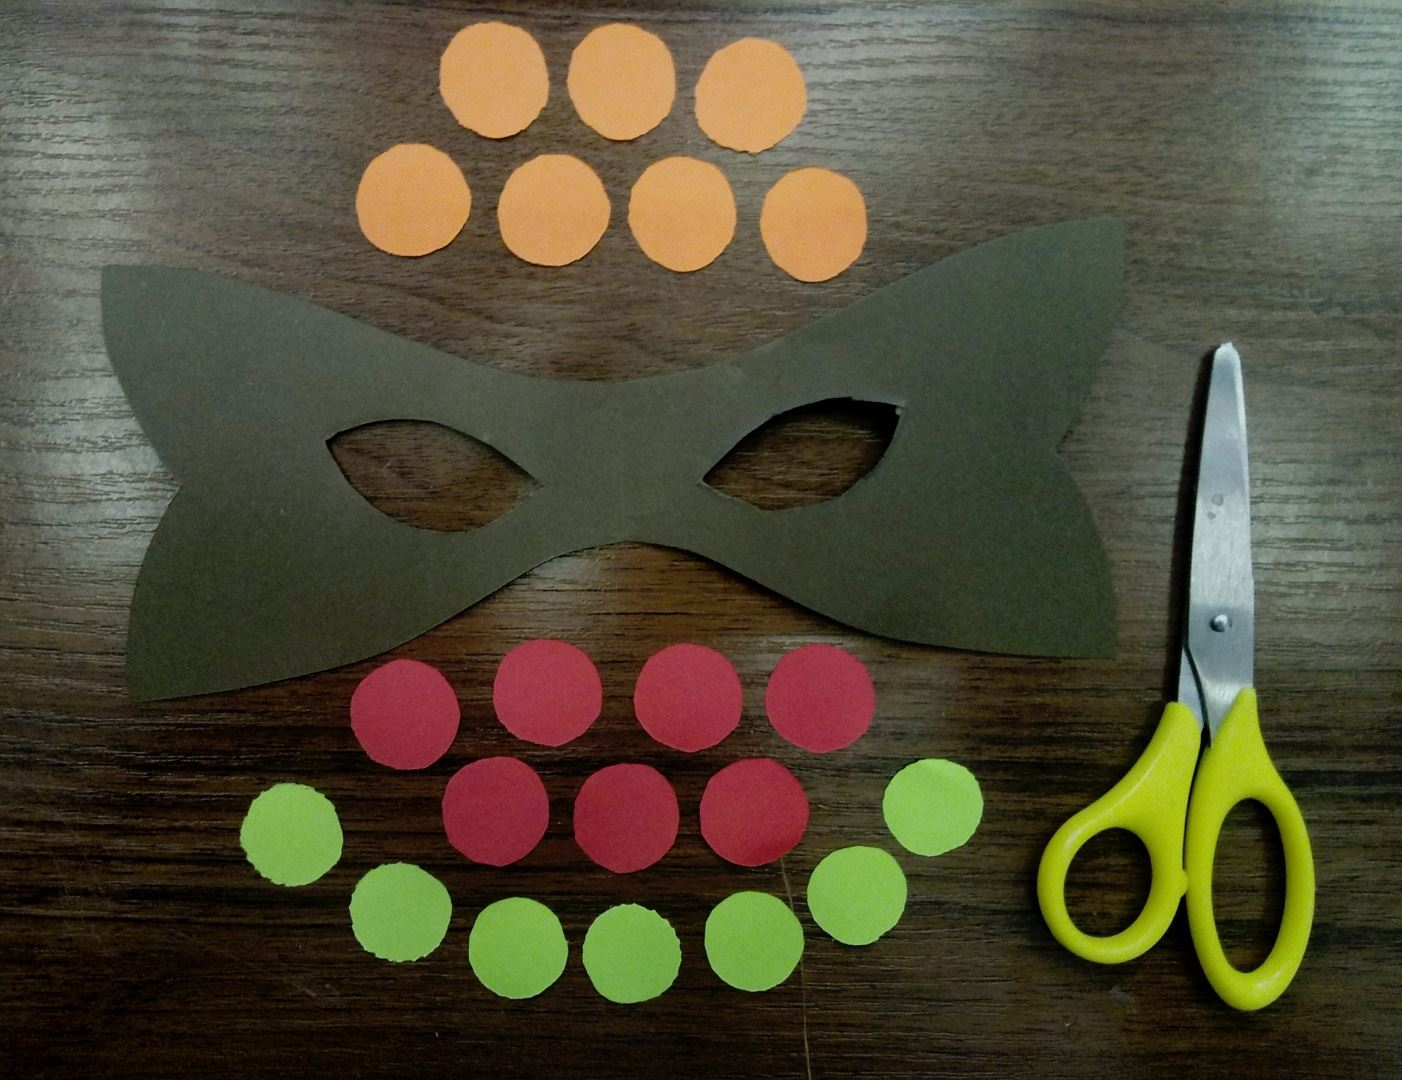 Из цветной бумаги вырезаем маску и множество разноцветных кружочков одинакового размера